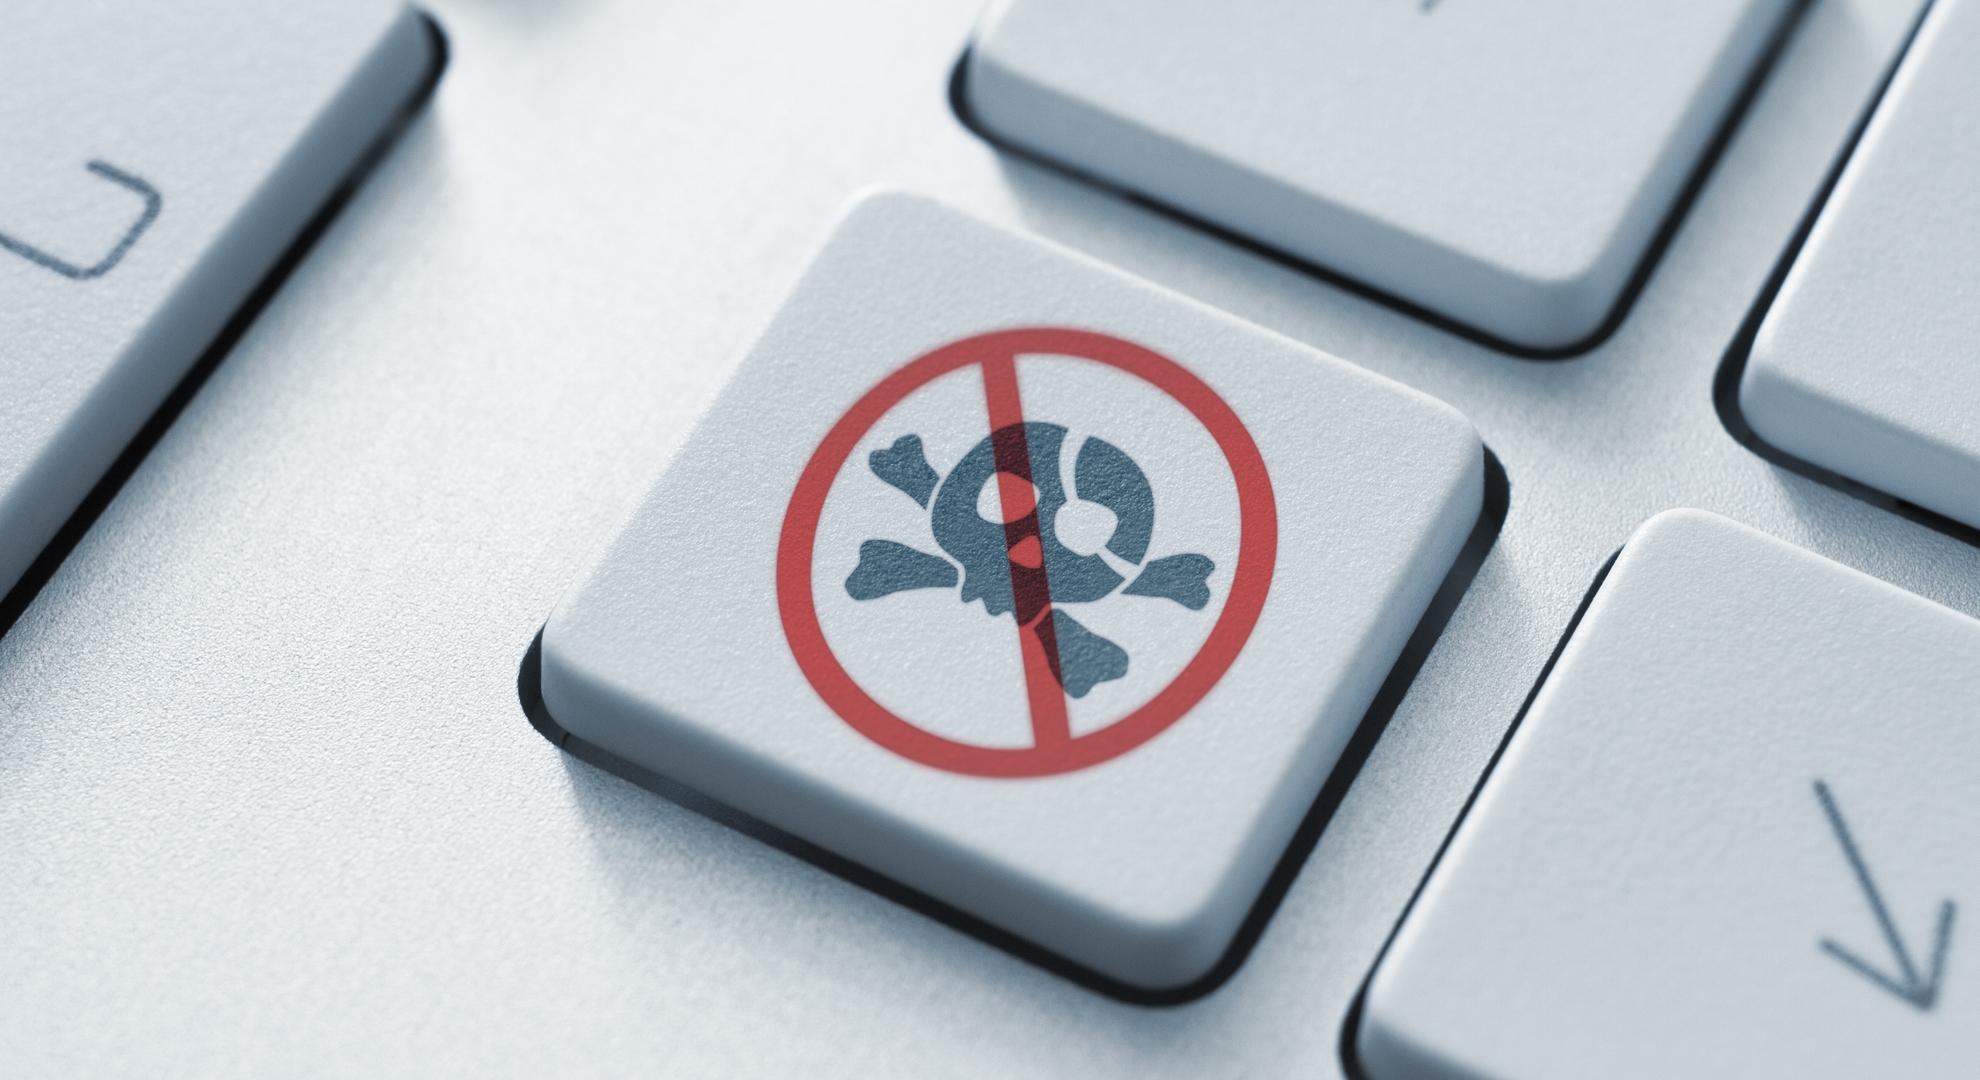 Сайты недобросовестных ритейлеров будут заблокированы